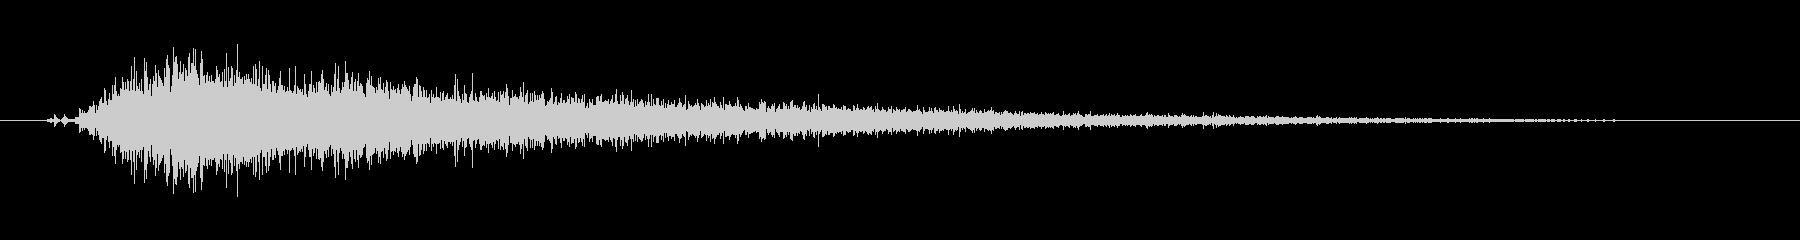 工具_ドリルの動作音5の未再生の波形